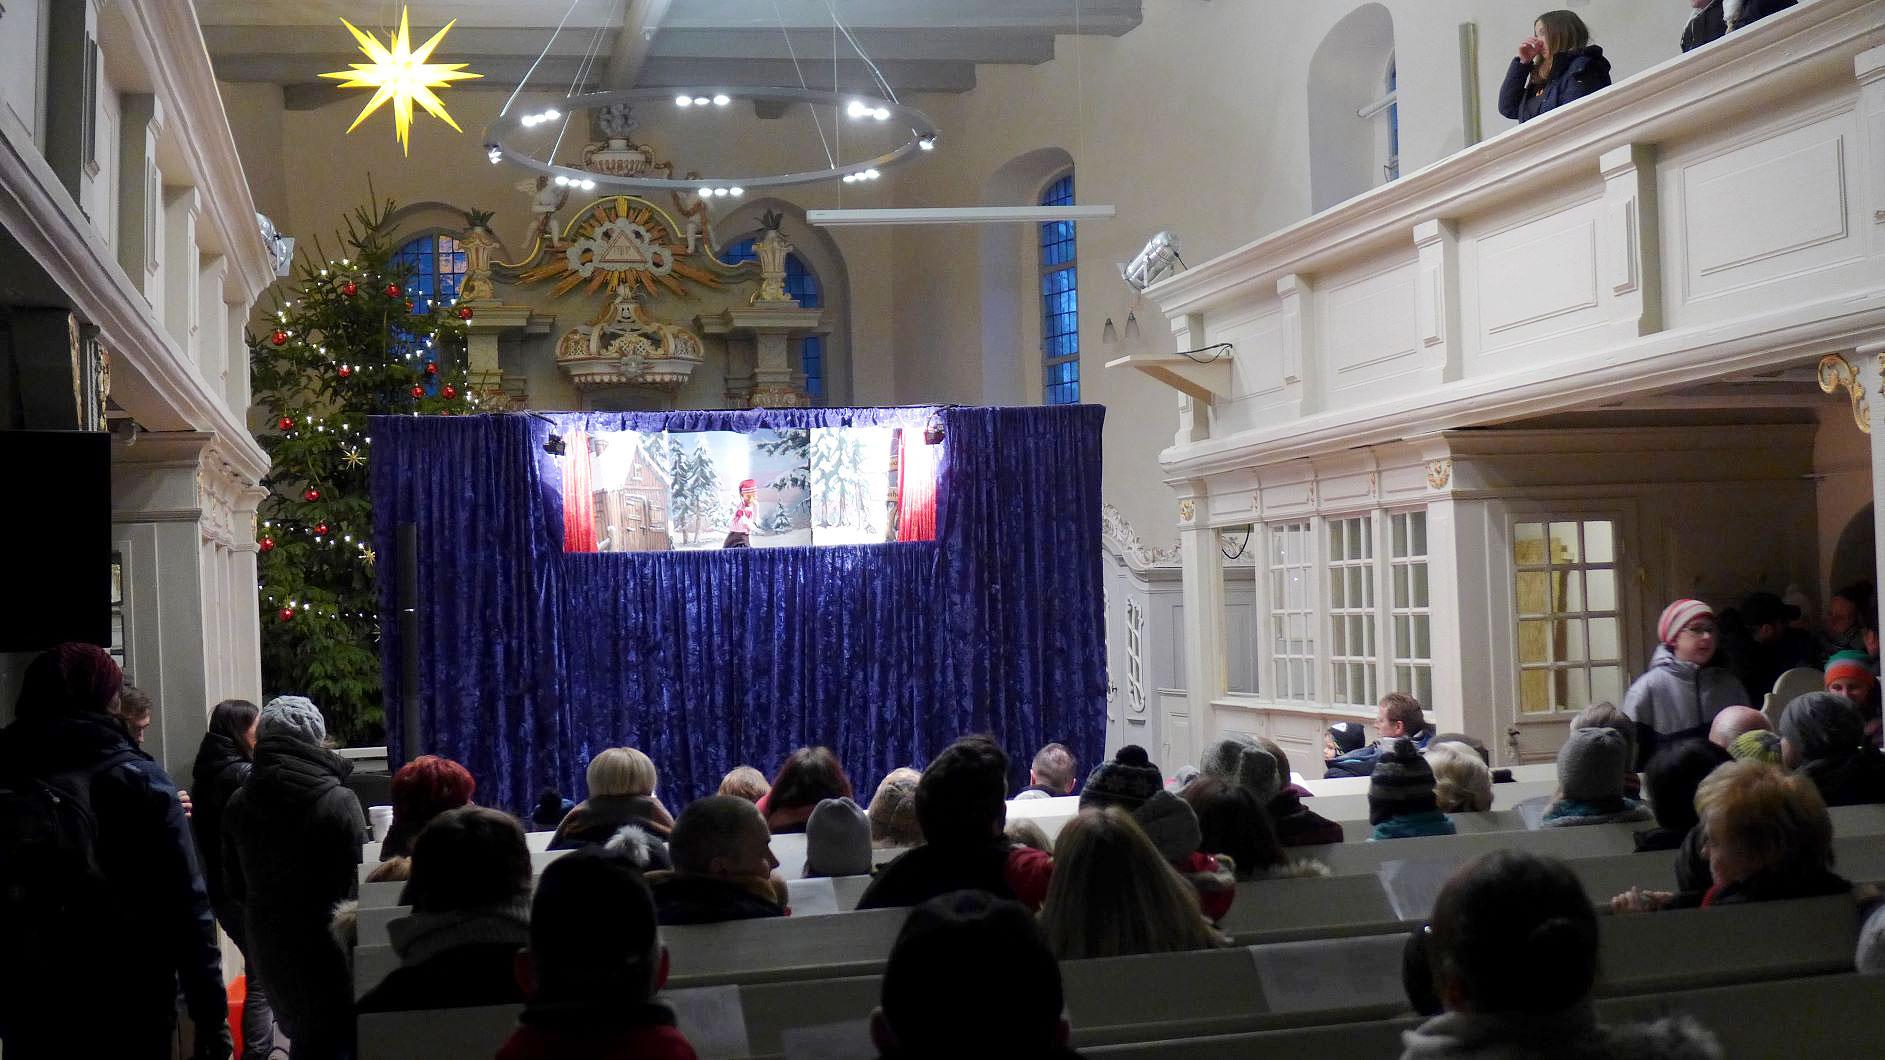 das Puppentheater war ein großer Erfolg - Weihnachtskonzert in der Lambertuskirche 2018